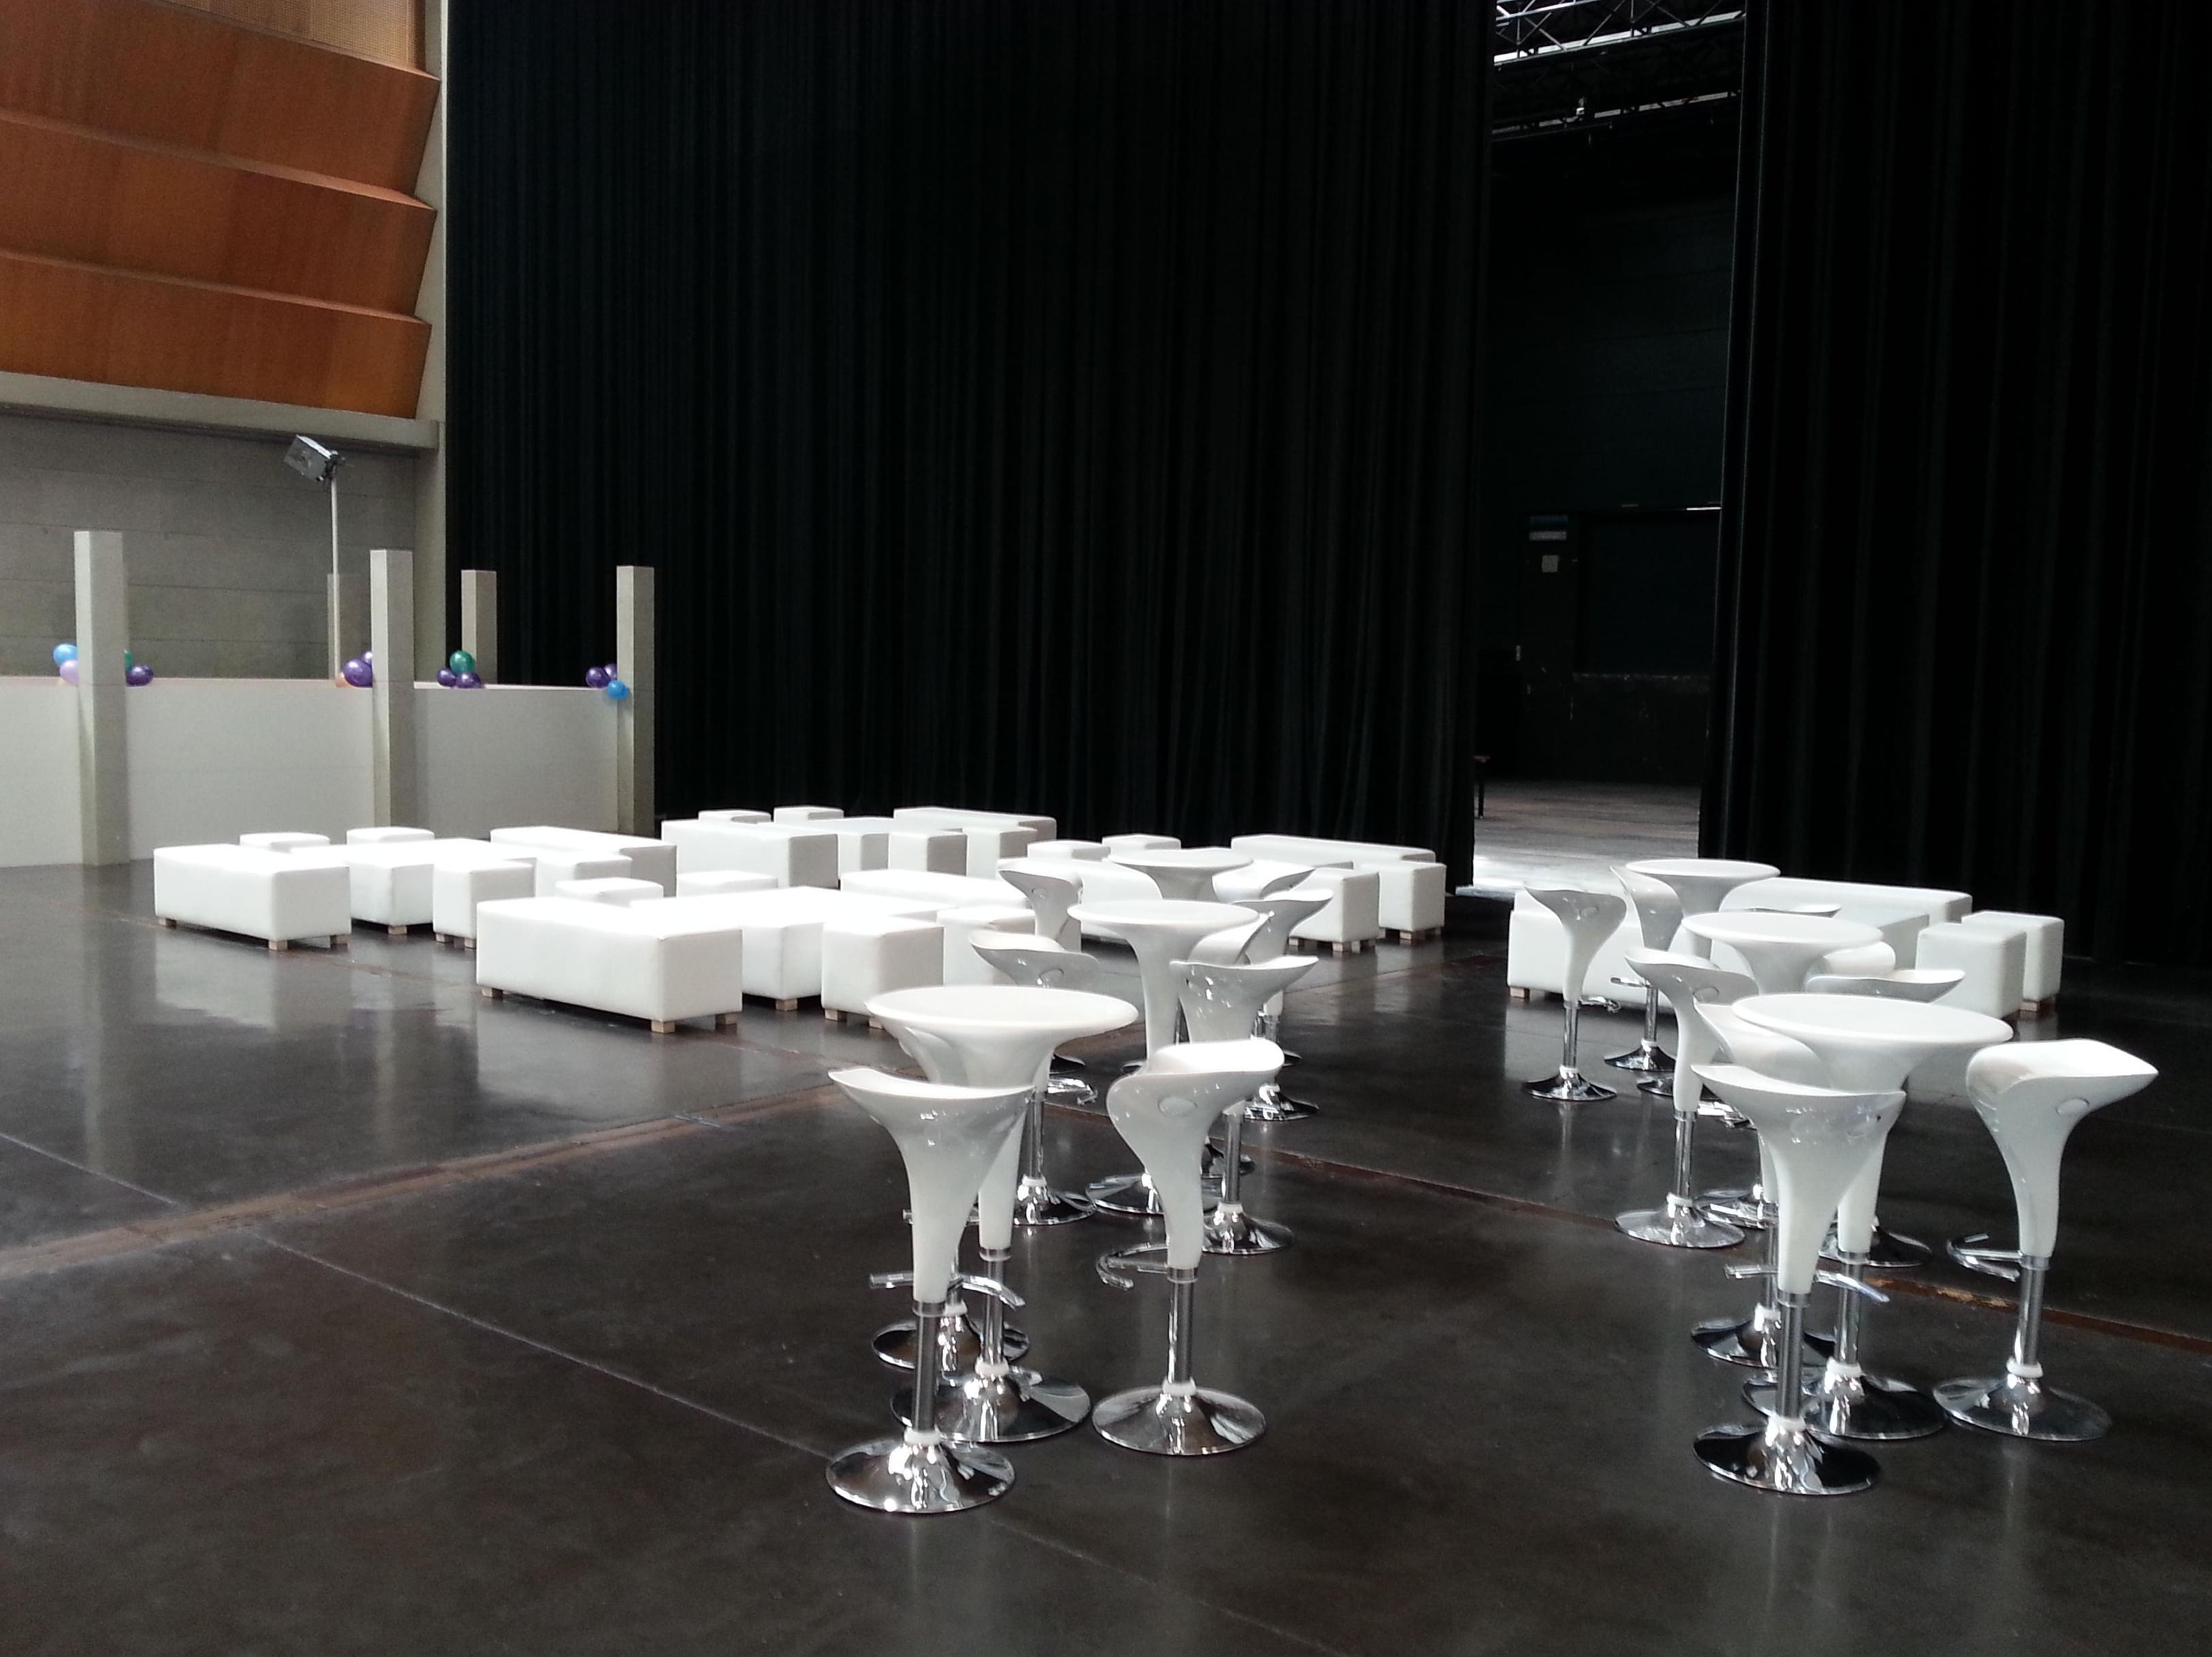 Foto 16 de Alquiler de sillas, mesas y menaje en Zaragoza | Stuhl Ibérica Alquiler de Mobiliario